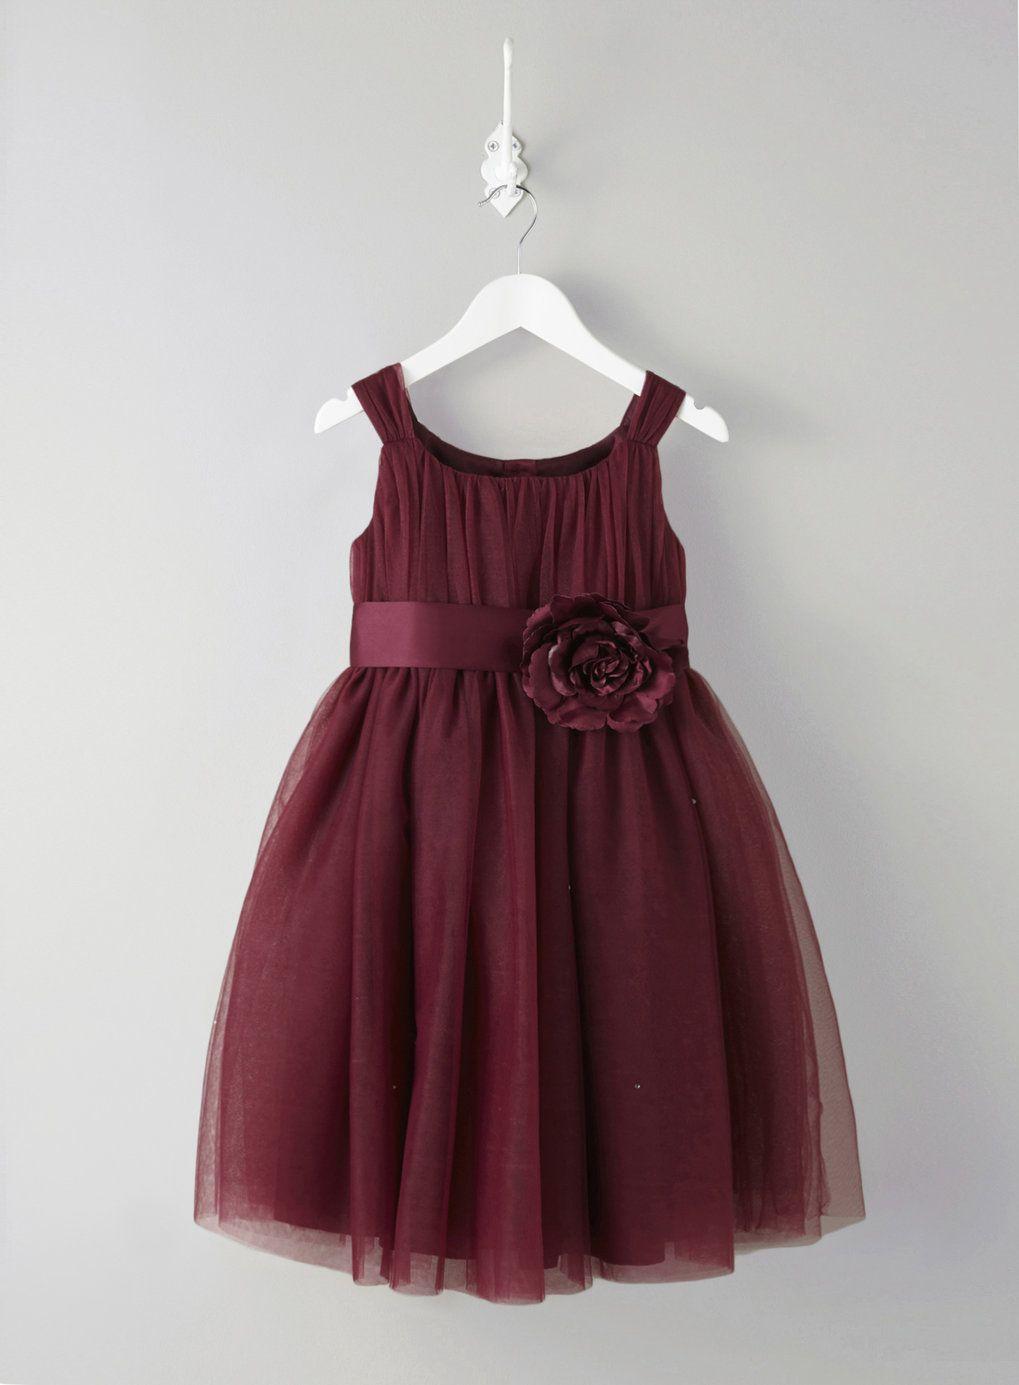 Lola Merlot Flower Girl Dress  Flower girl dresses, Burgandy